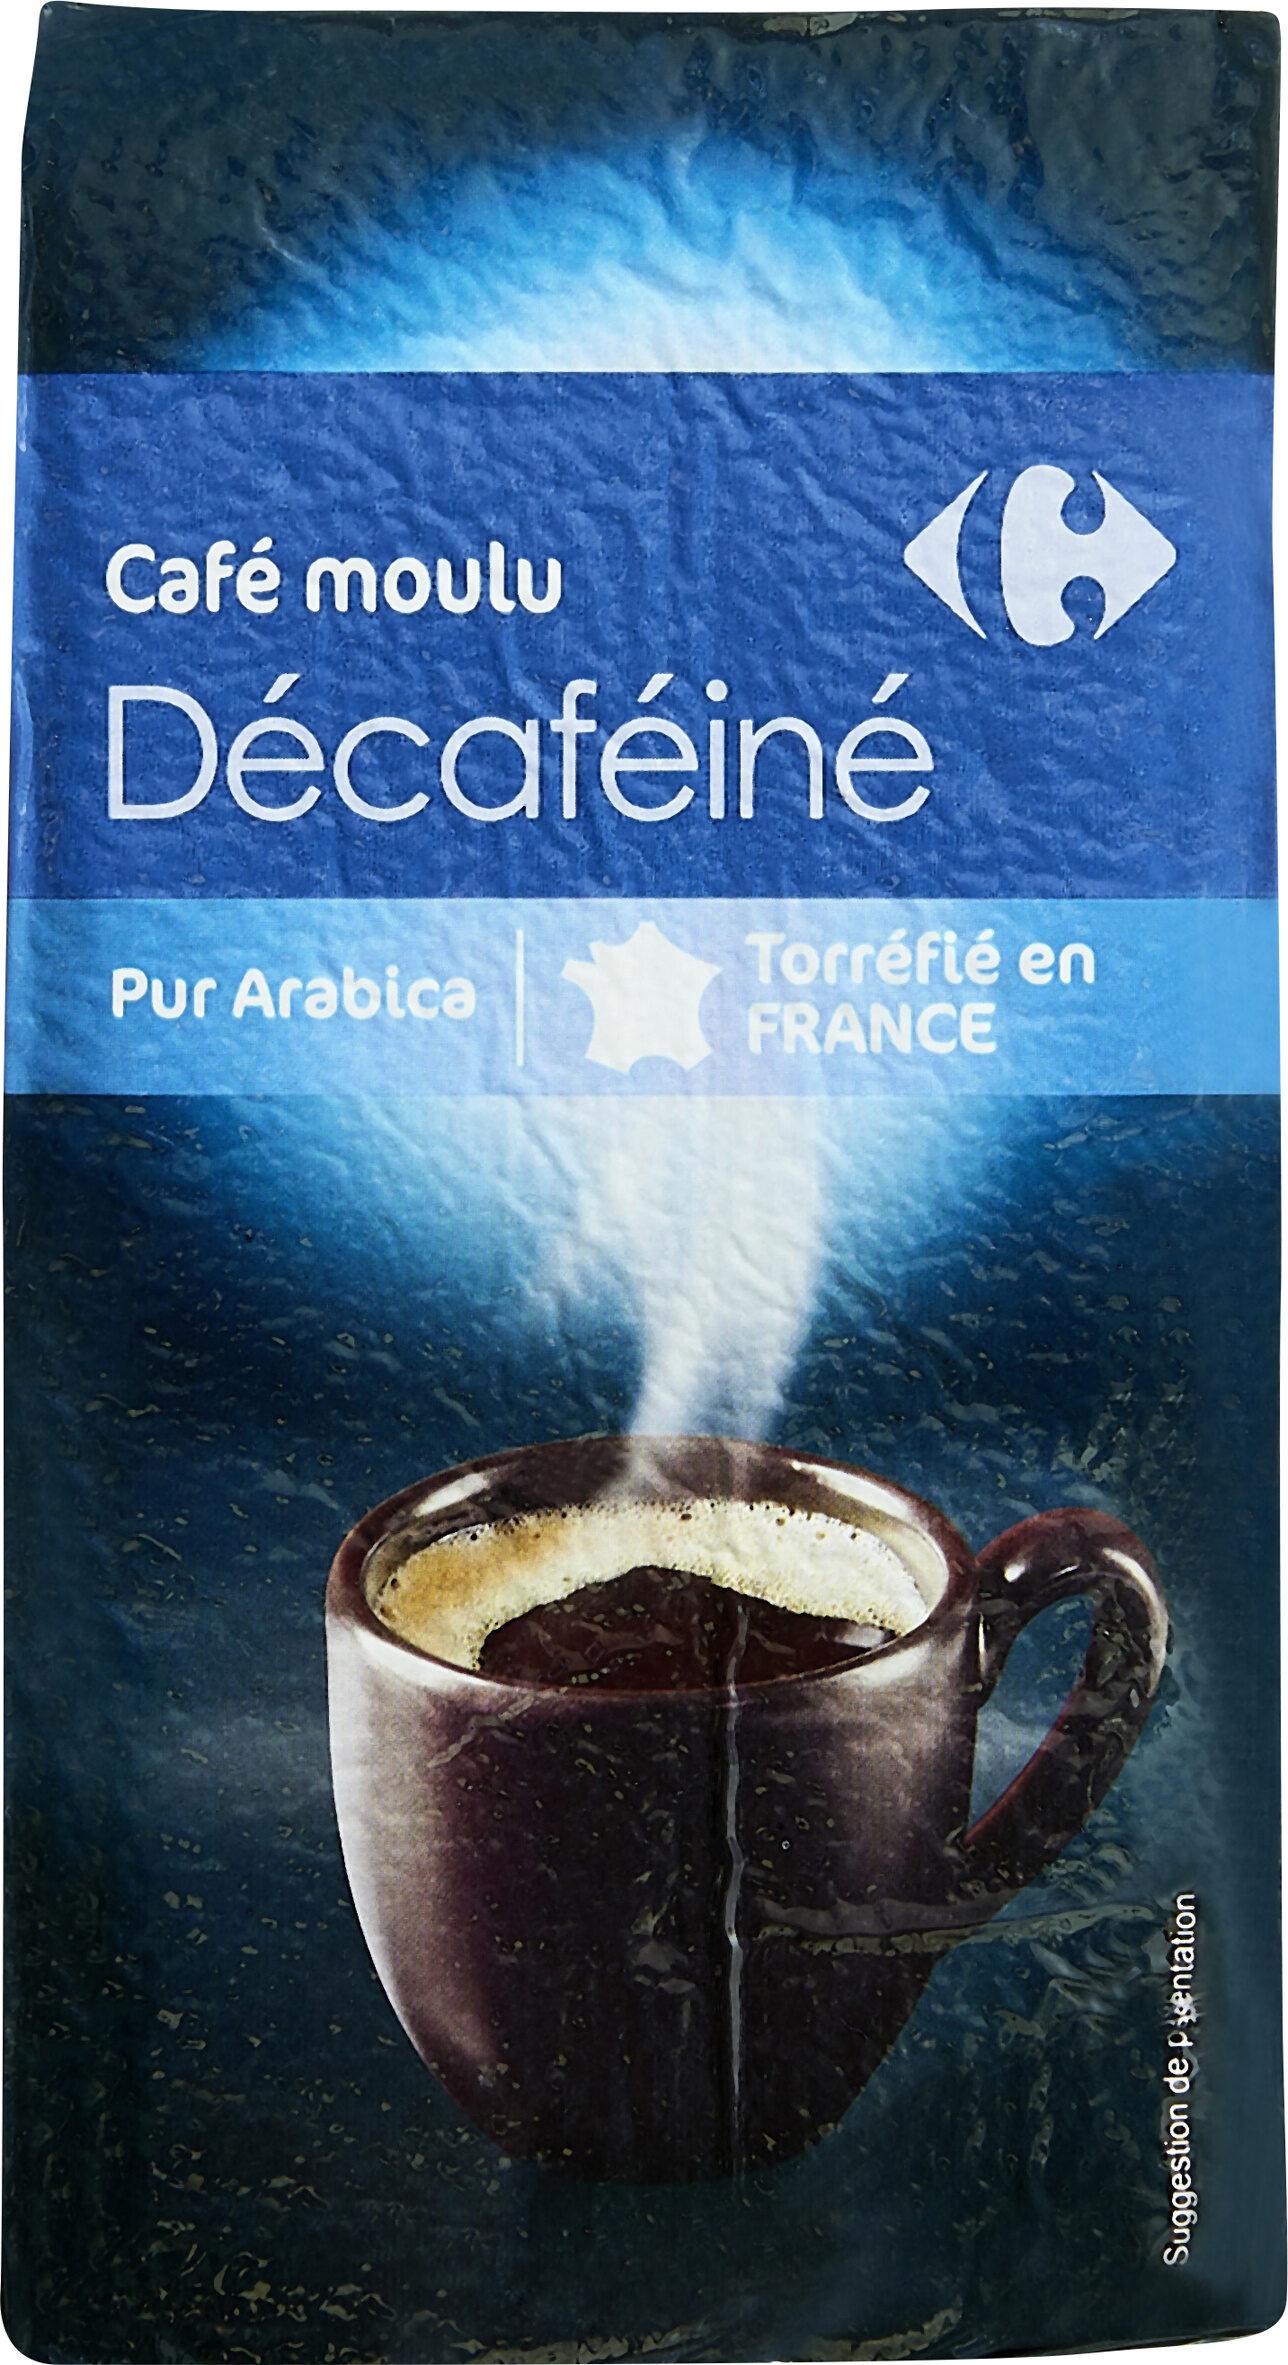 Café moulu décaféiné - Product - fr